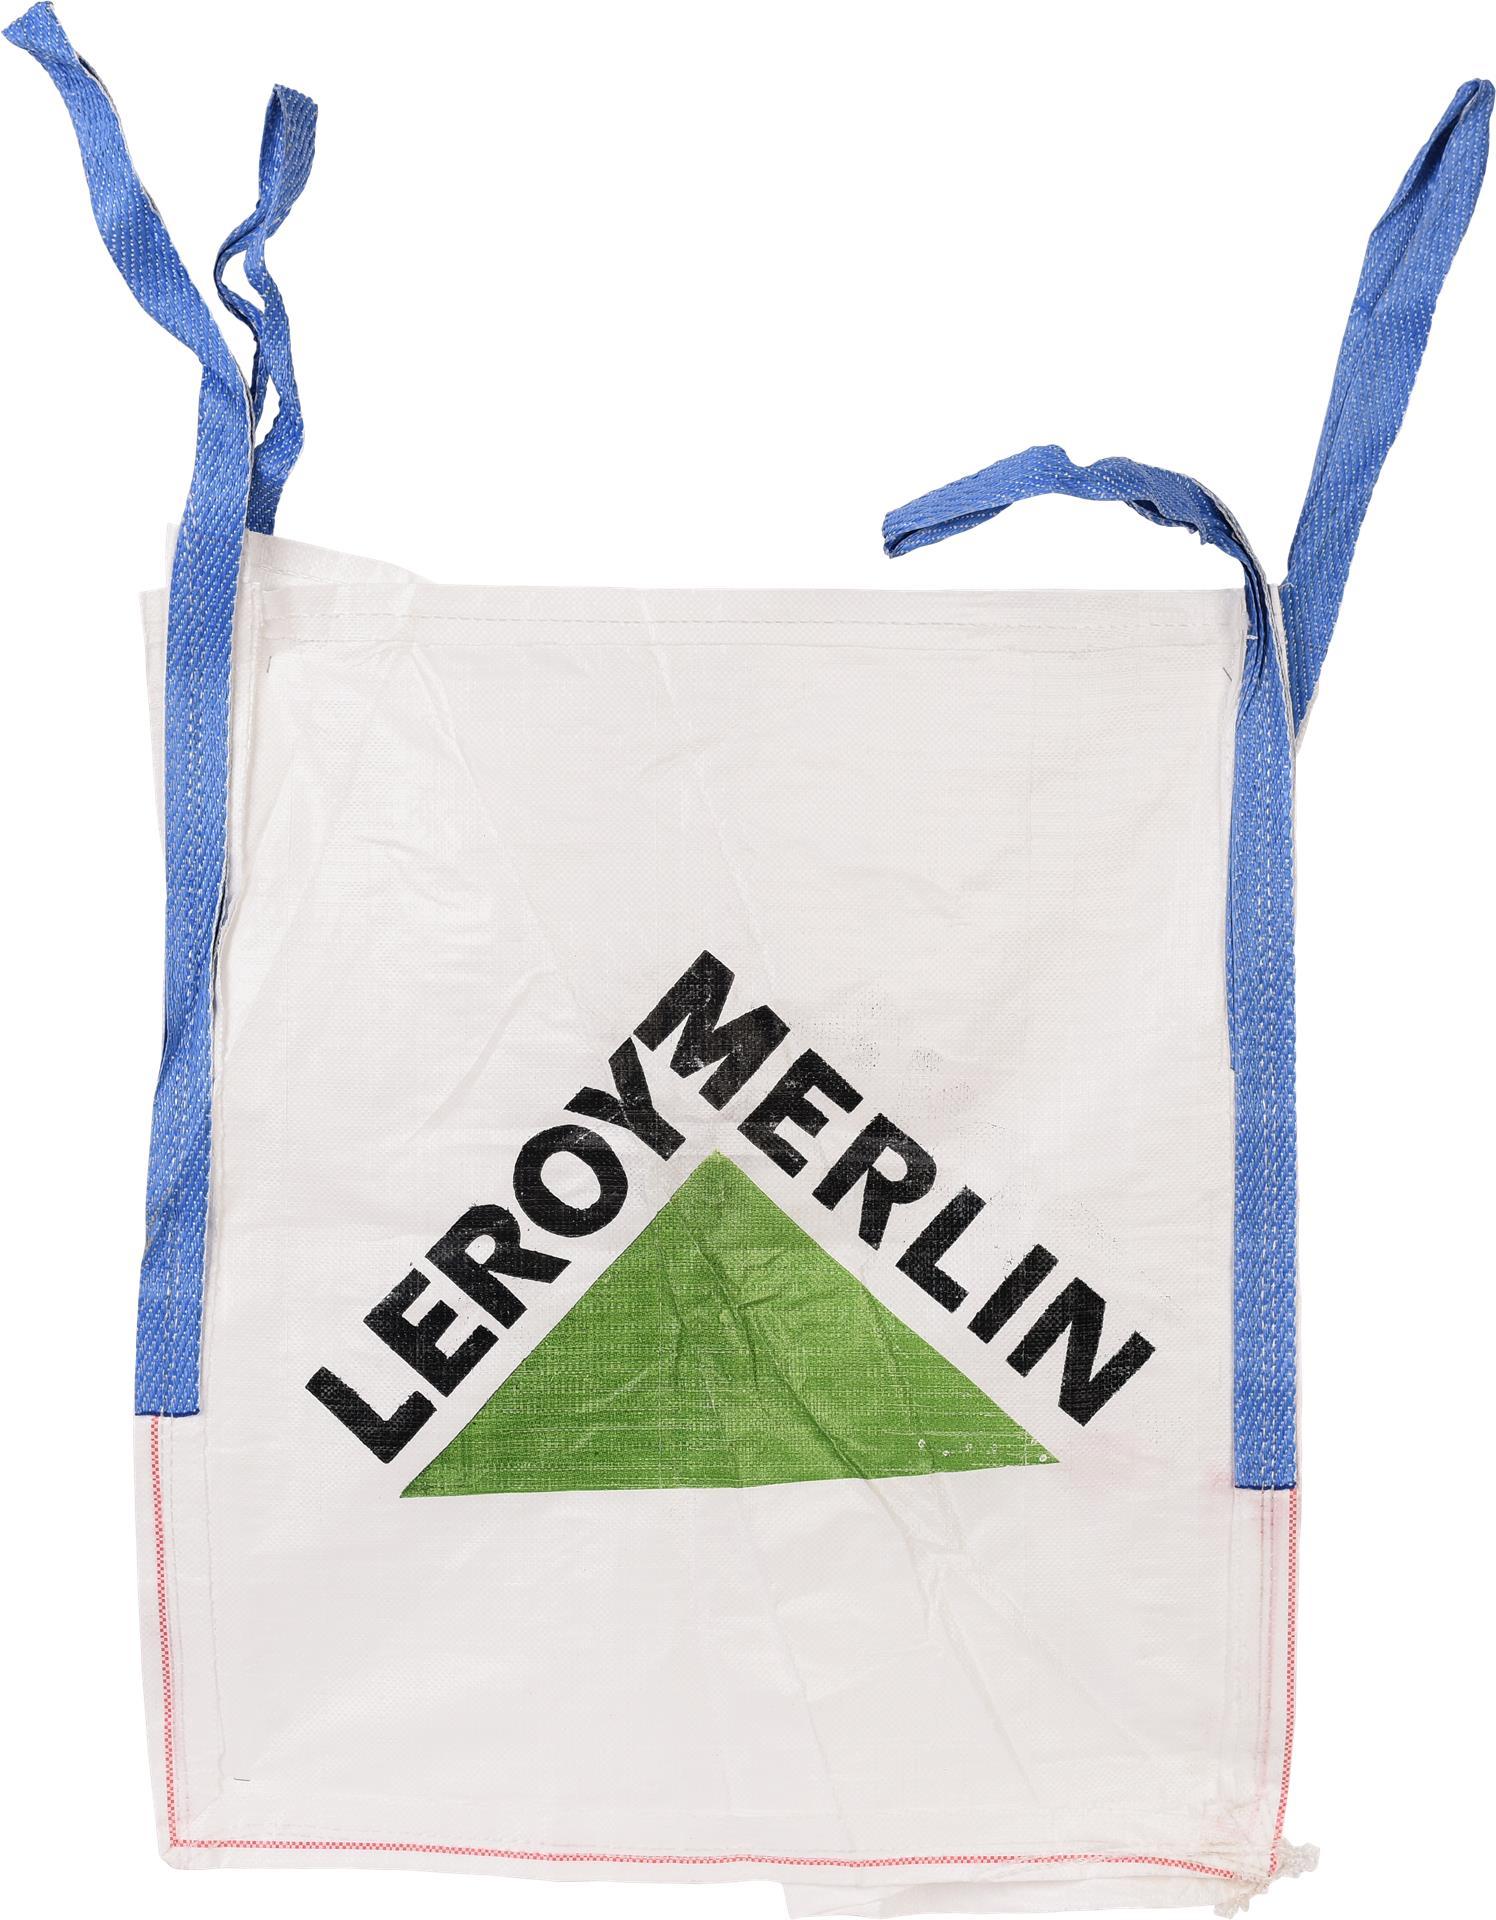 Big Bag 80x80x90cm Leroy Merlin Portugal